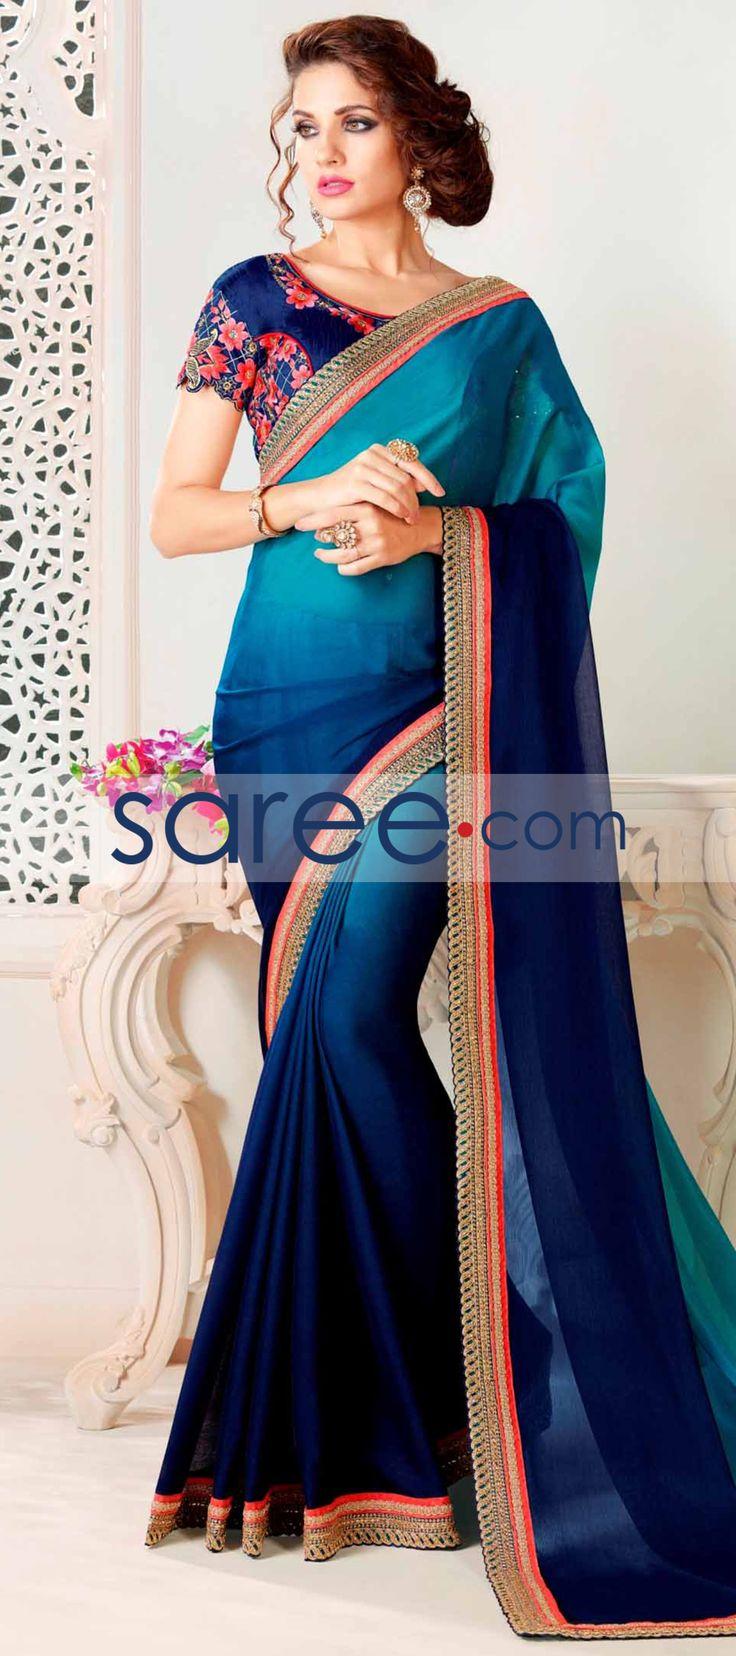 BLUE CHIFFON SAREE WITH EMBROIDERY WORK  #Saree #GeorgetteSarees #IndianSaree #Sarees #PartywearSarees #RegularwearSarees #officeWearSarees #WeddingSarees #BuyOnline #OnlieSarees #GeorgetteSarees #NetSarees #ChiffonSarees #DesignerSarees #SareeFashion